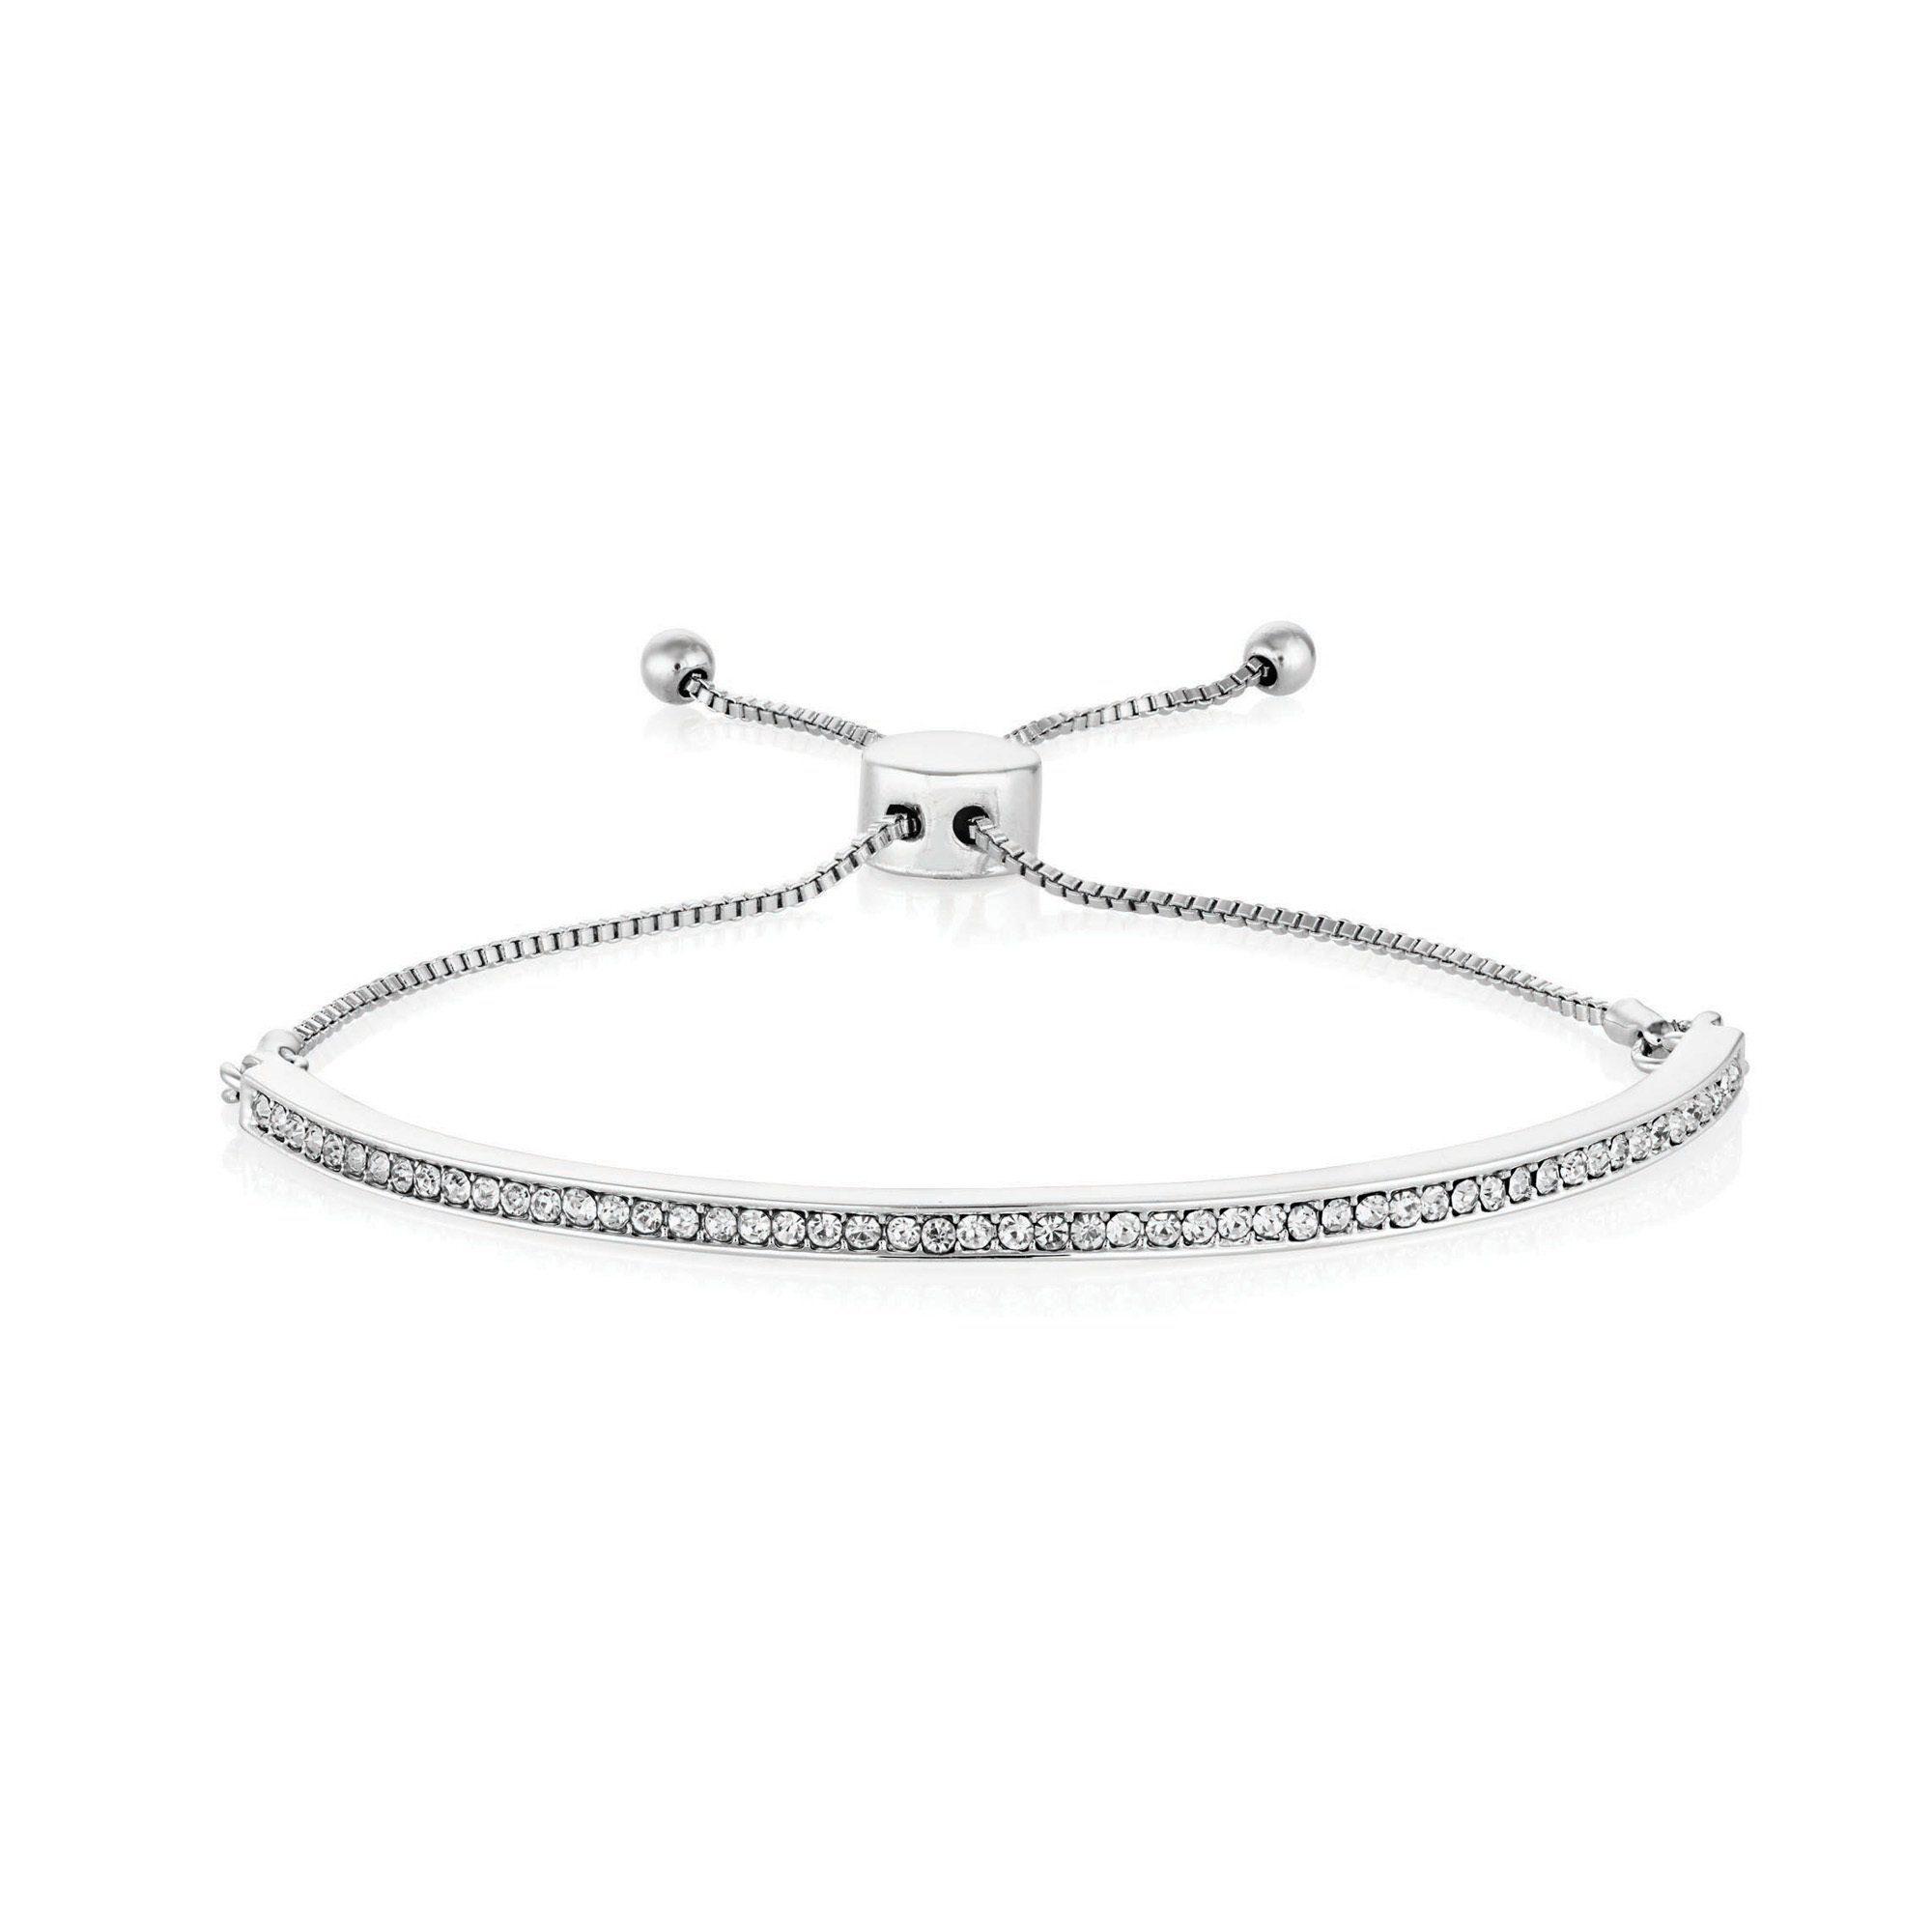 Buckley London Armband Messing rhodiniert mit Kristallen